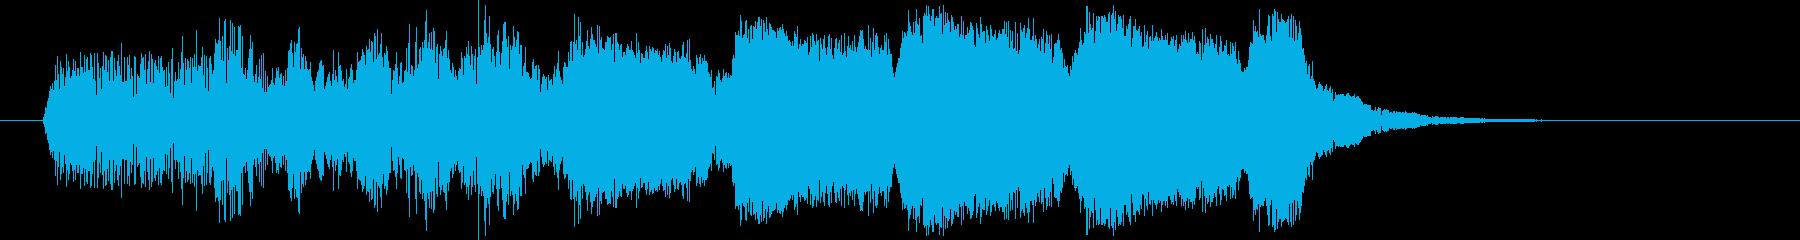 ババババババ(エネルギーが溜まる音)の再生済みの波形